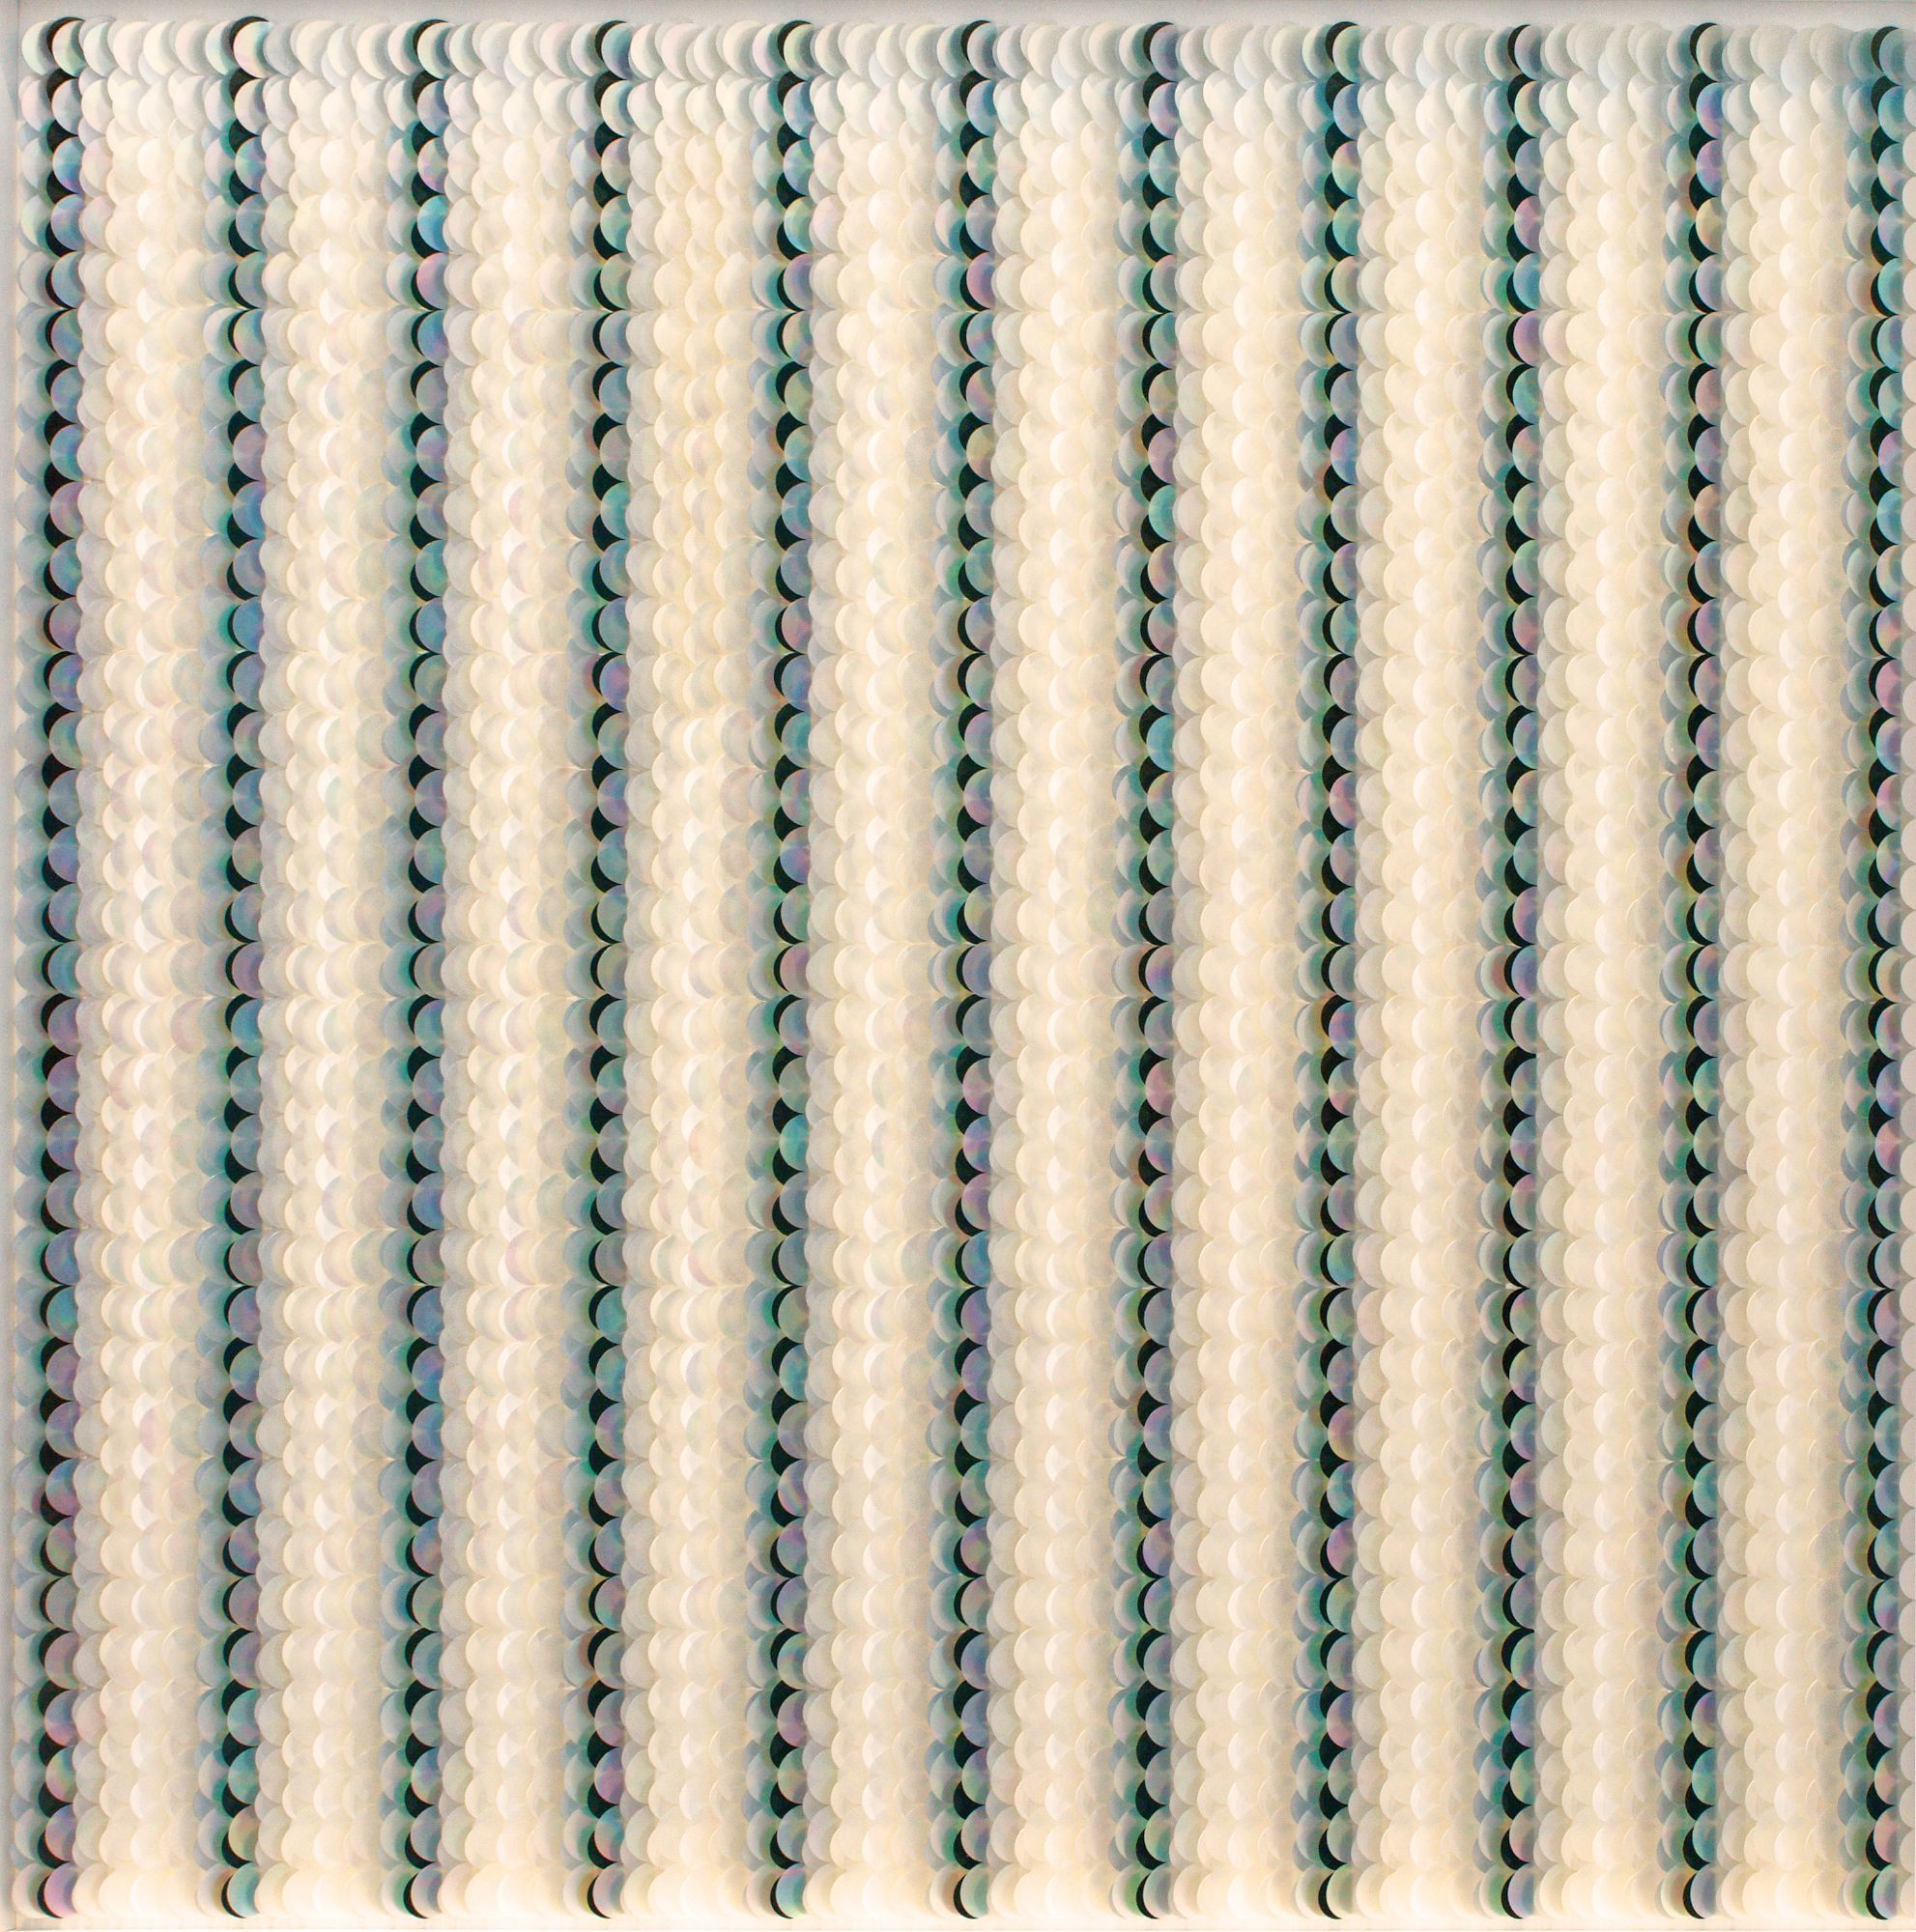 Tfss d74eab65 d1c2 4919 a6c8 0b7fd65d5e20 sfa file